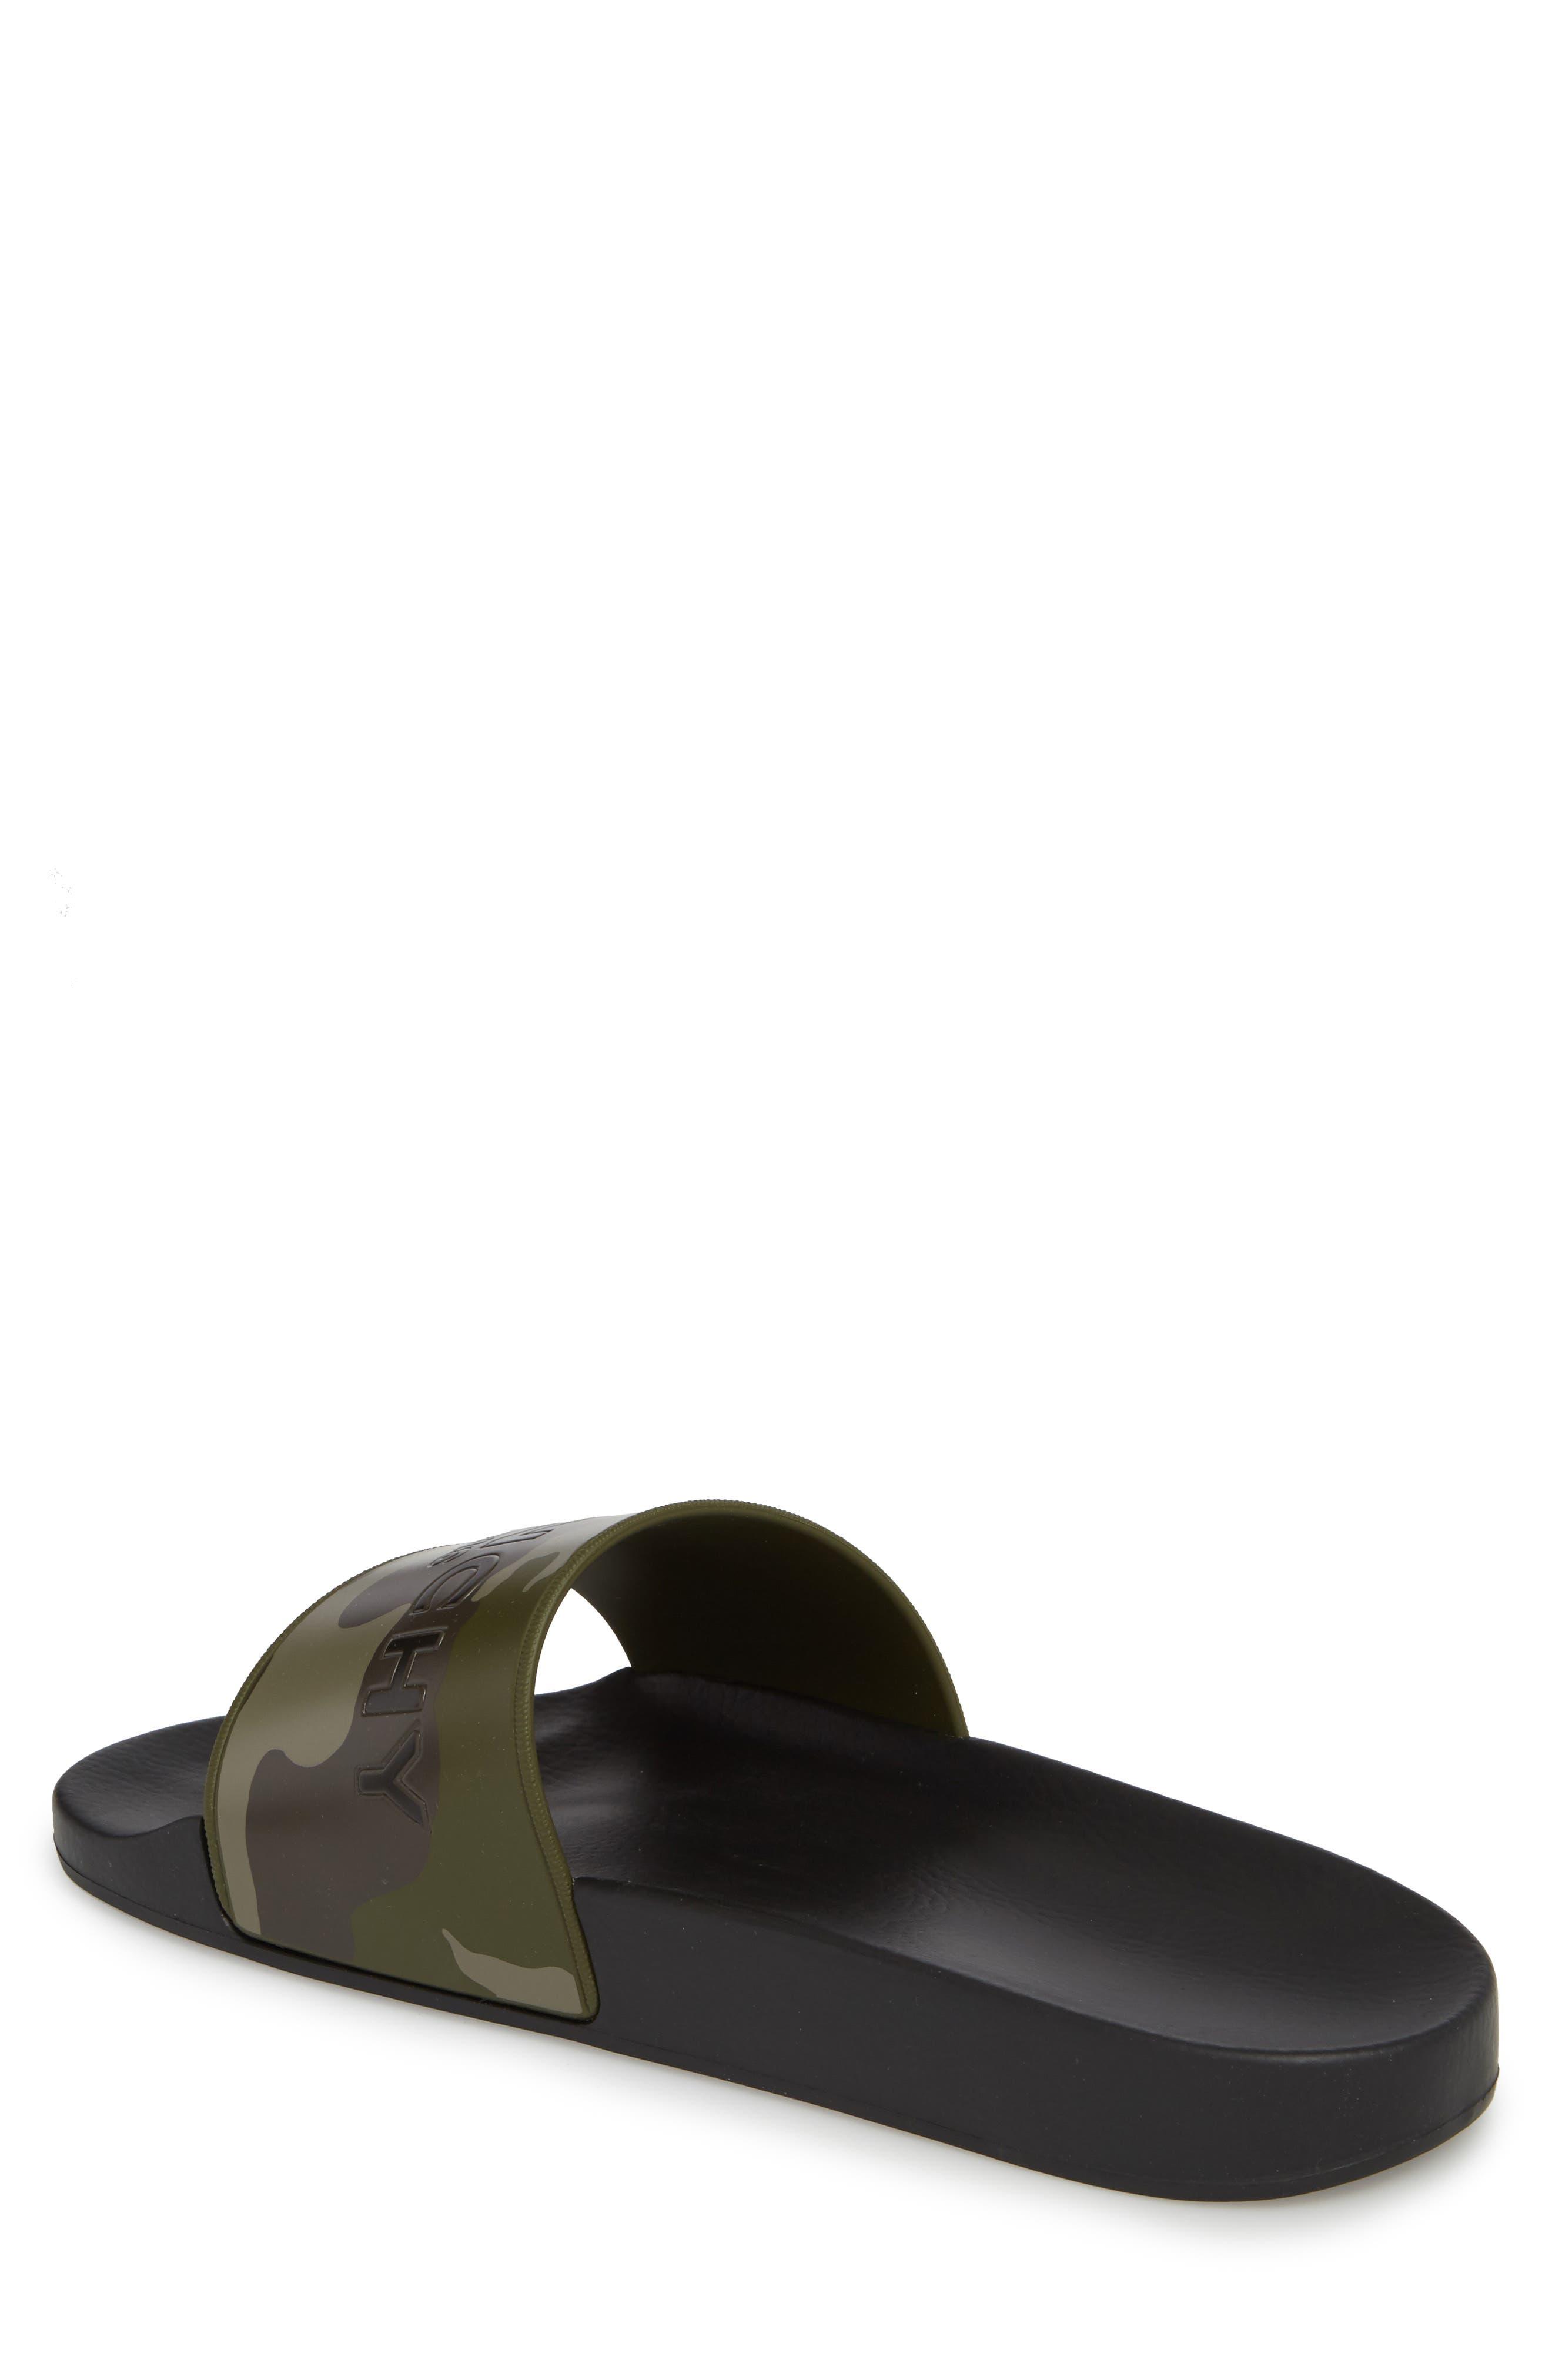 Camo Logo Pool Sandal,                             Alternate thumbnail 2, color,                             Black/ Khaki